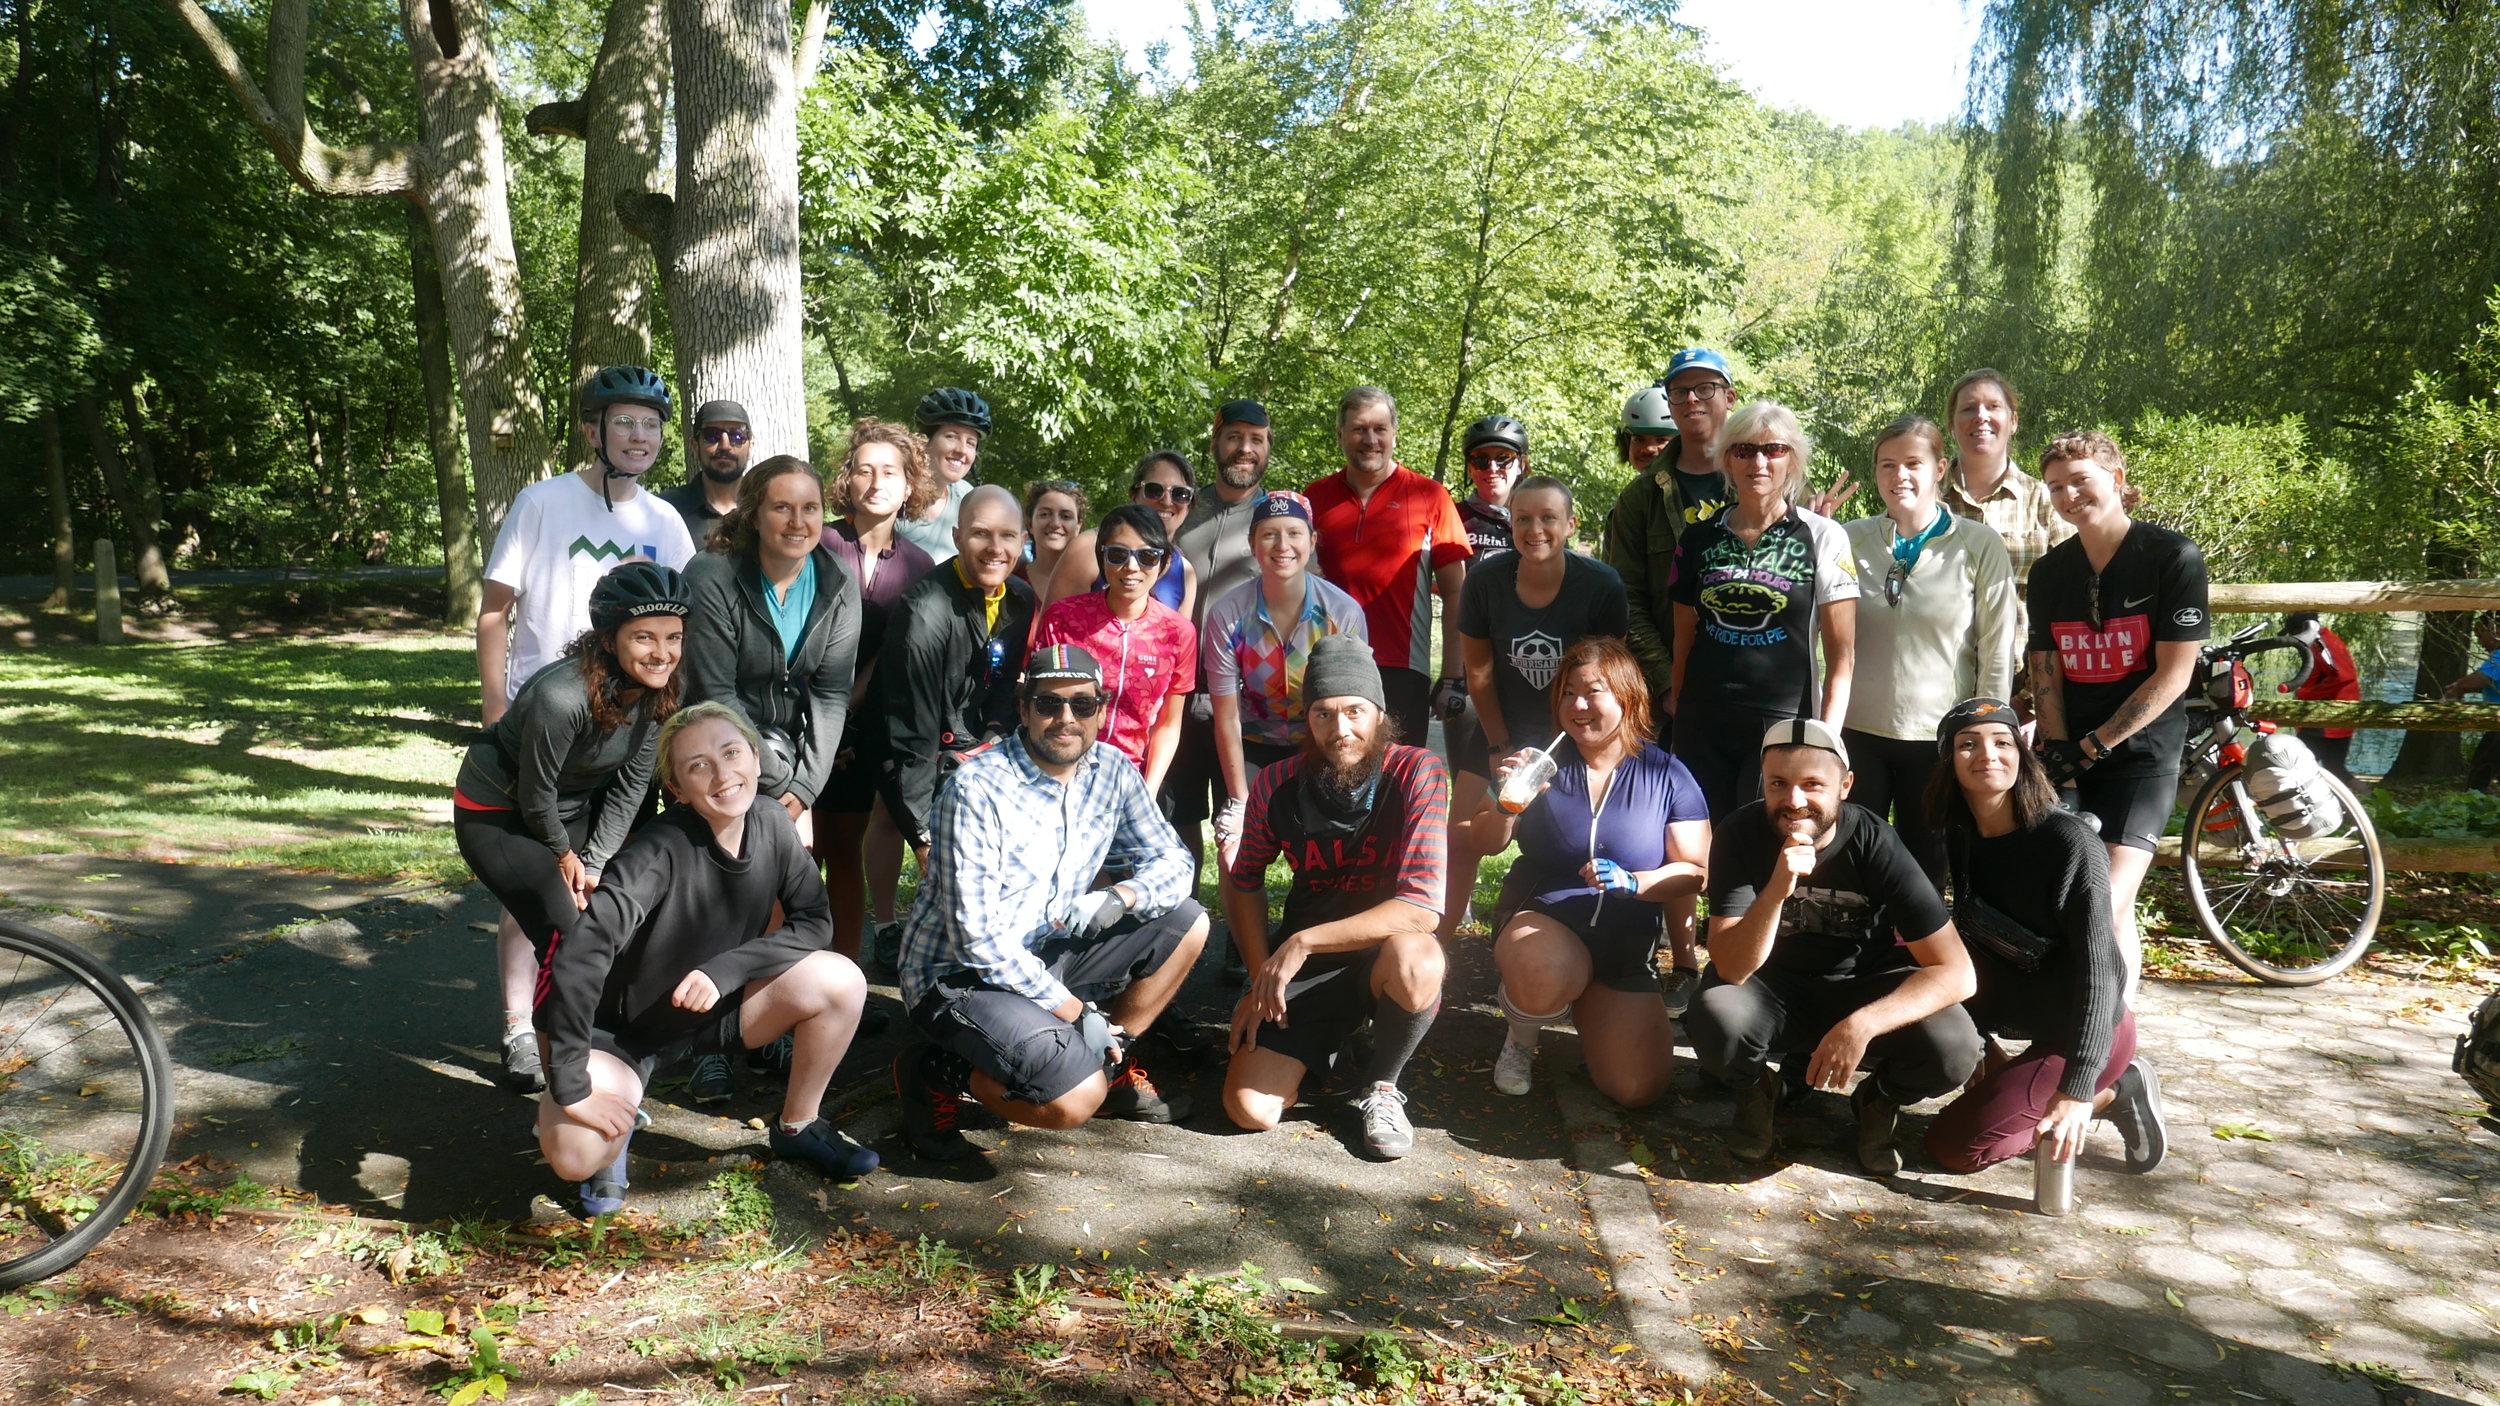 Partial group picture, Van Cortlandt Park, Bronx